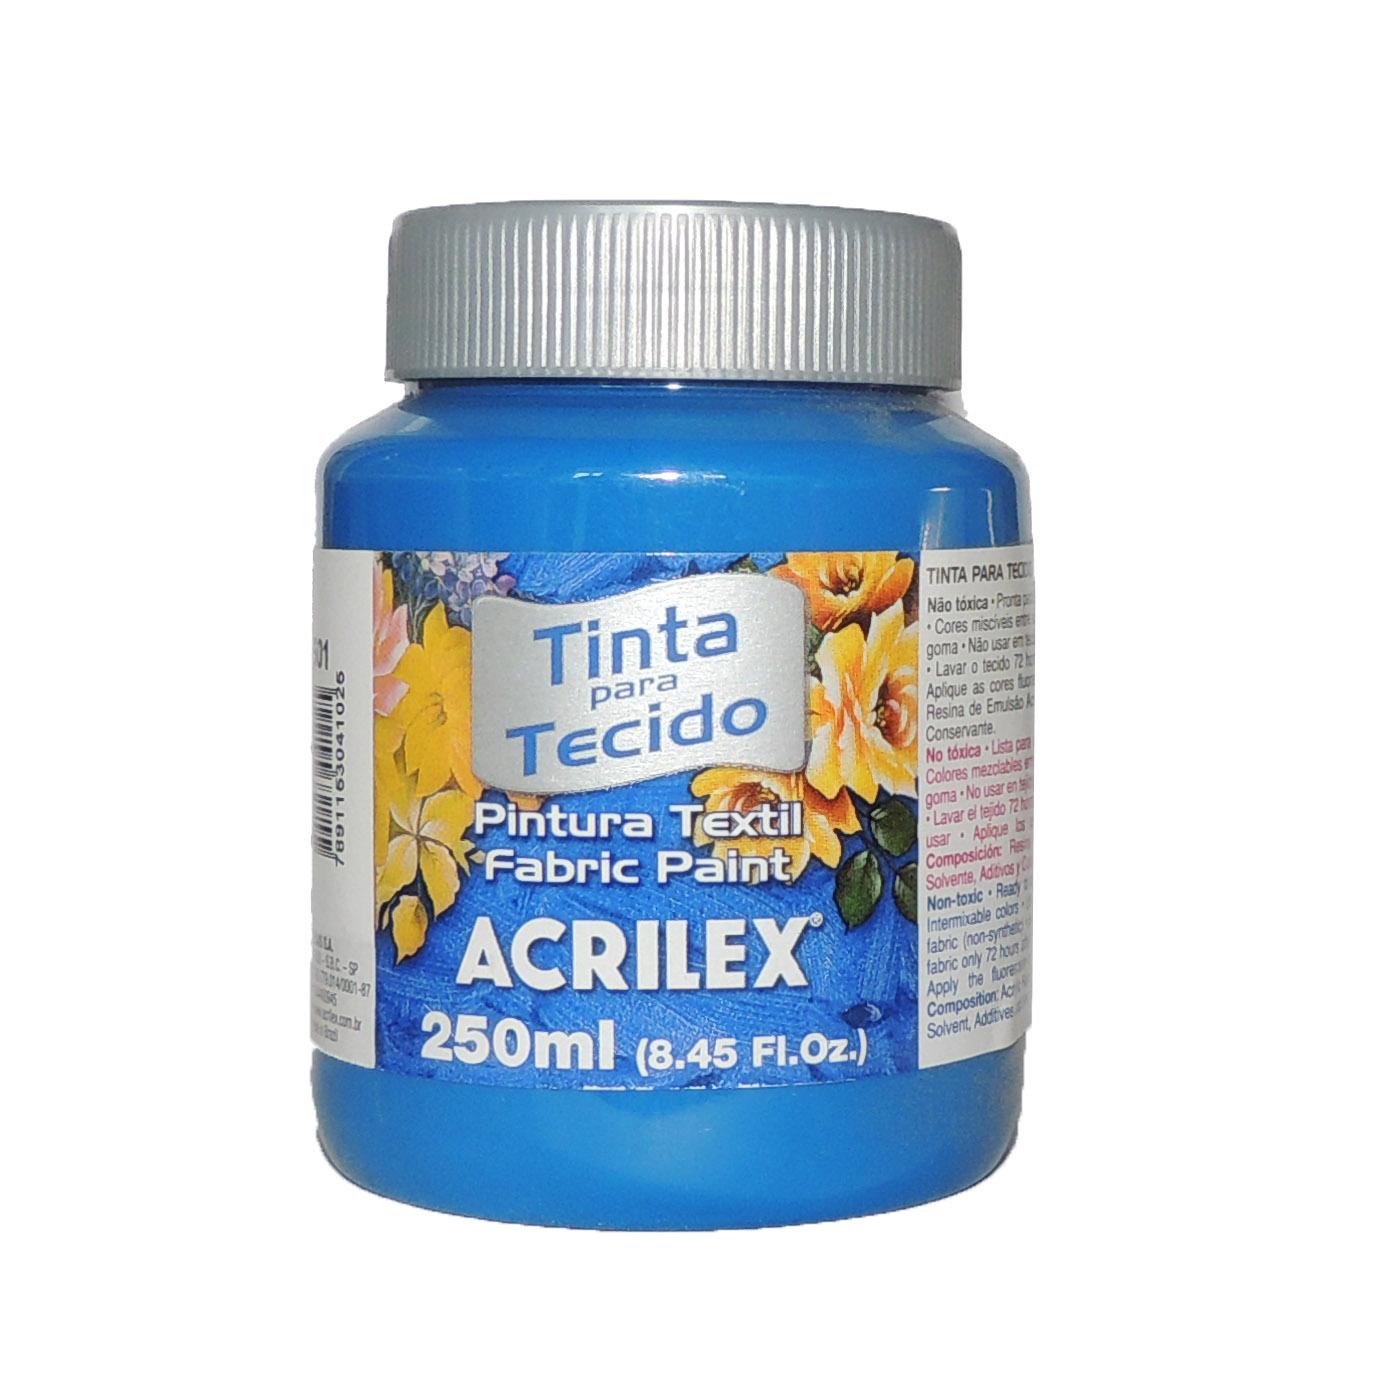 tinta-para-tecido-acrilex-250ml-501-azul-turquesa